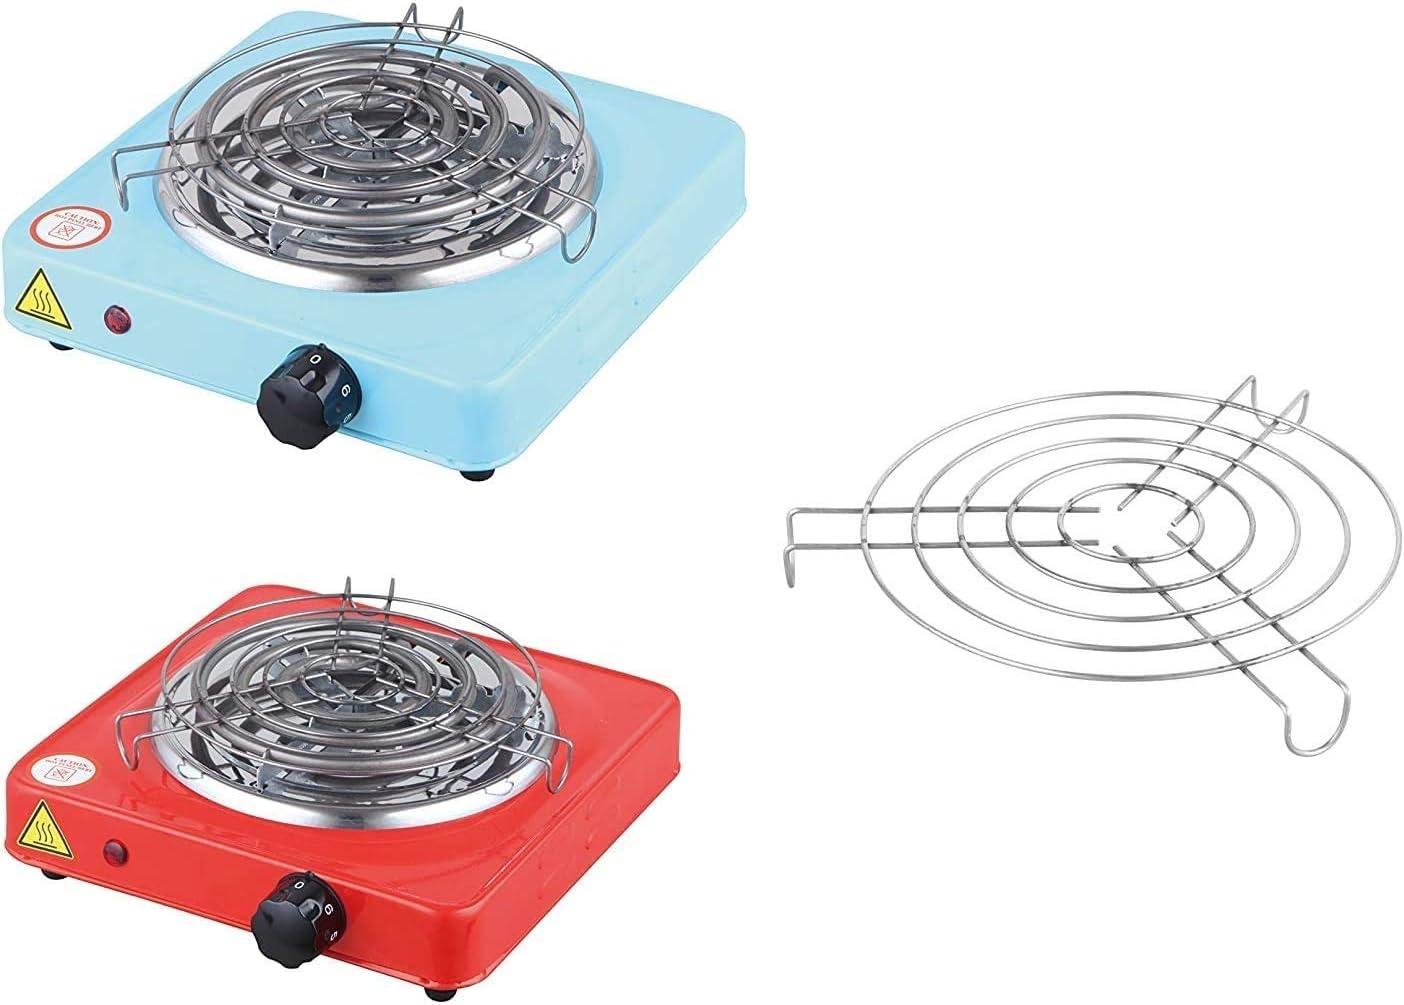 MAXELL POWER Cocina ELECTRICA para Shisha con Grill CACHIMBA Carbon HORNILLO 1000W Colores (Azul): Amazon.es: Deportes y aire libre